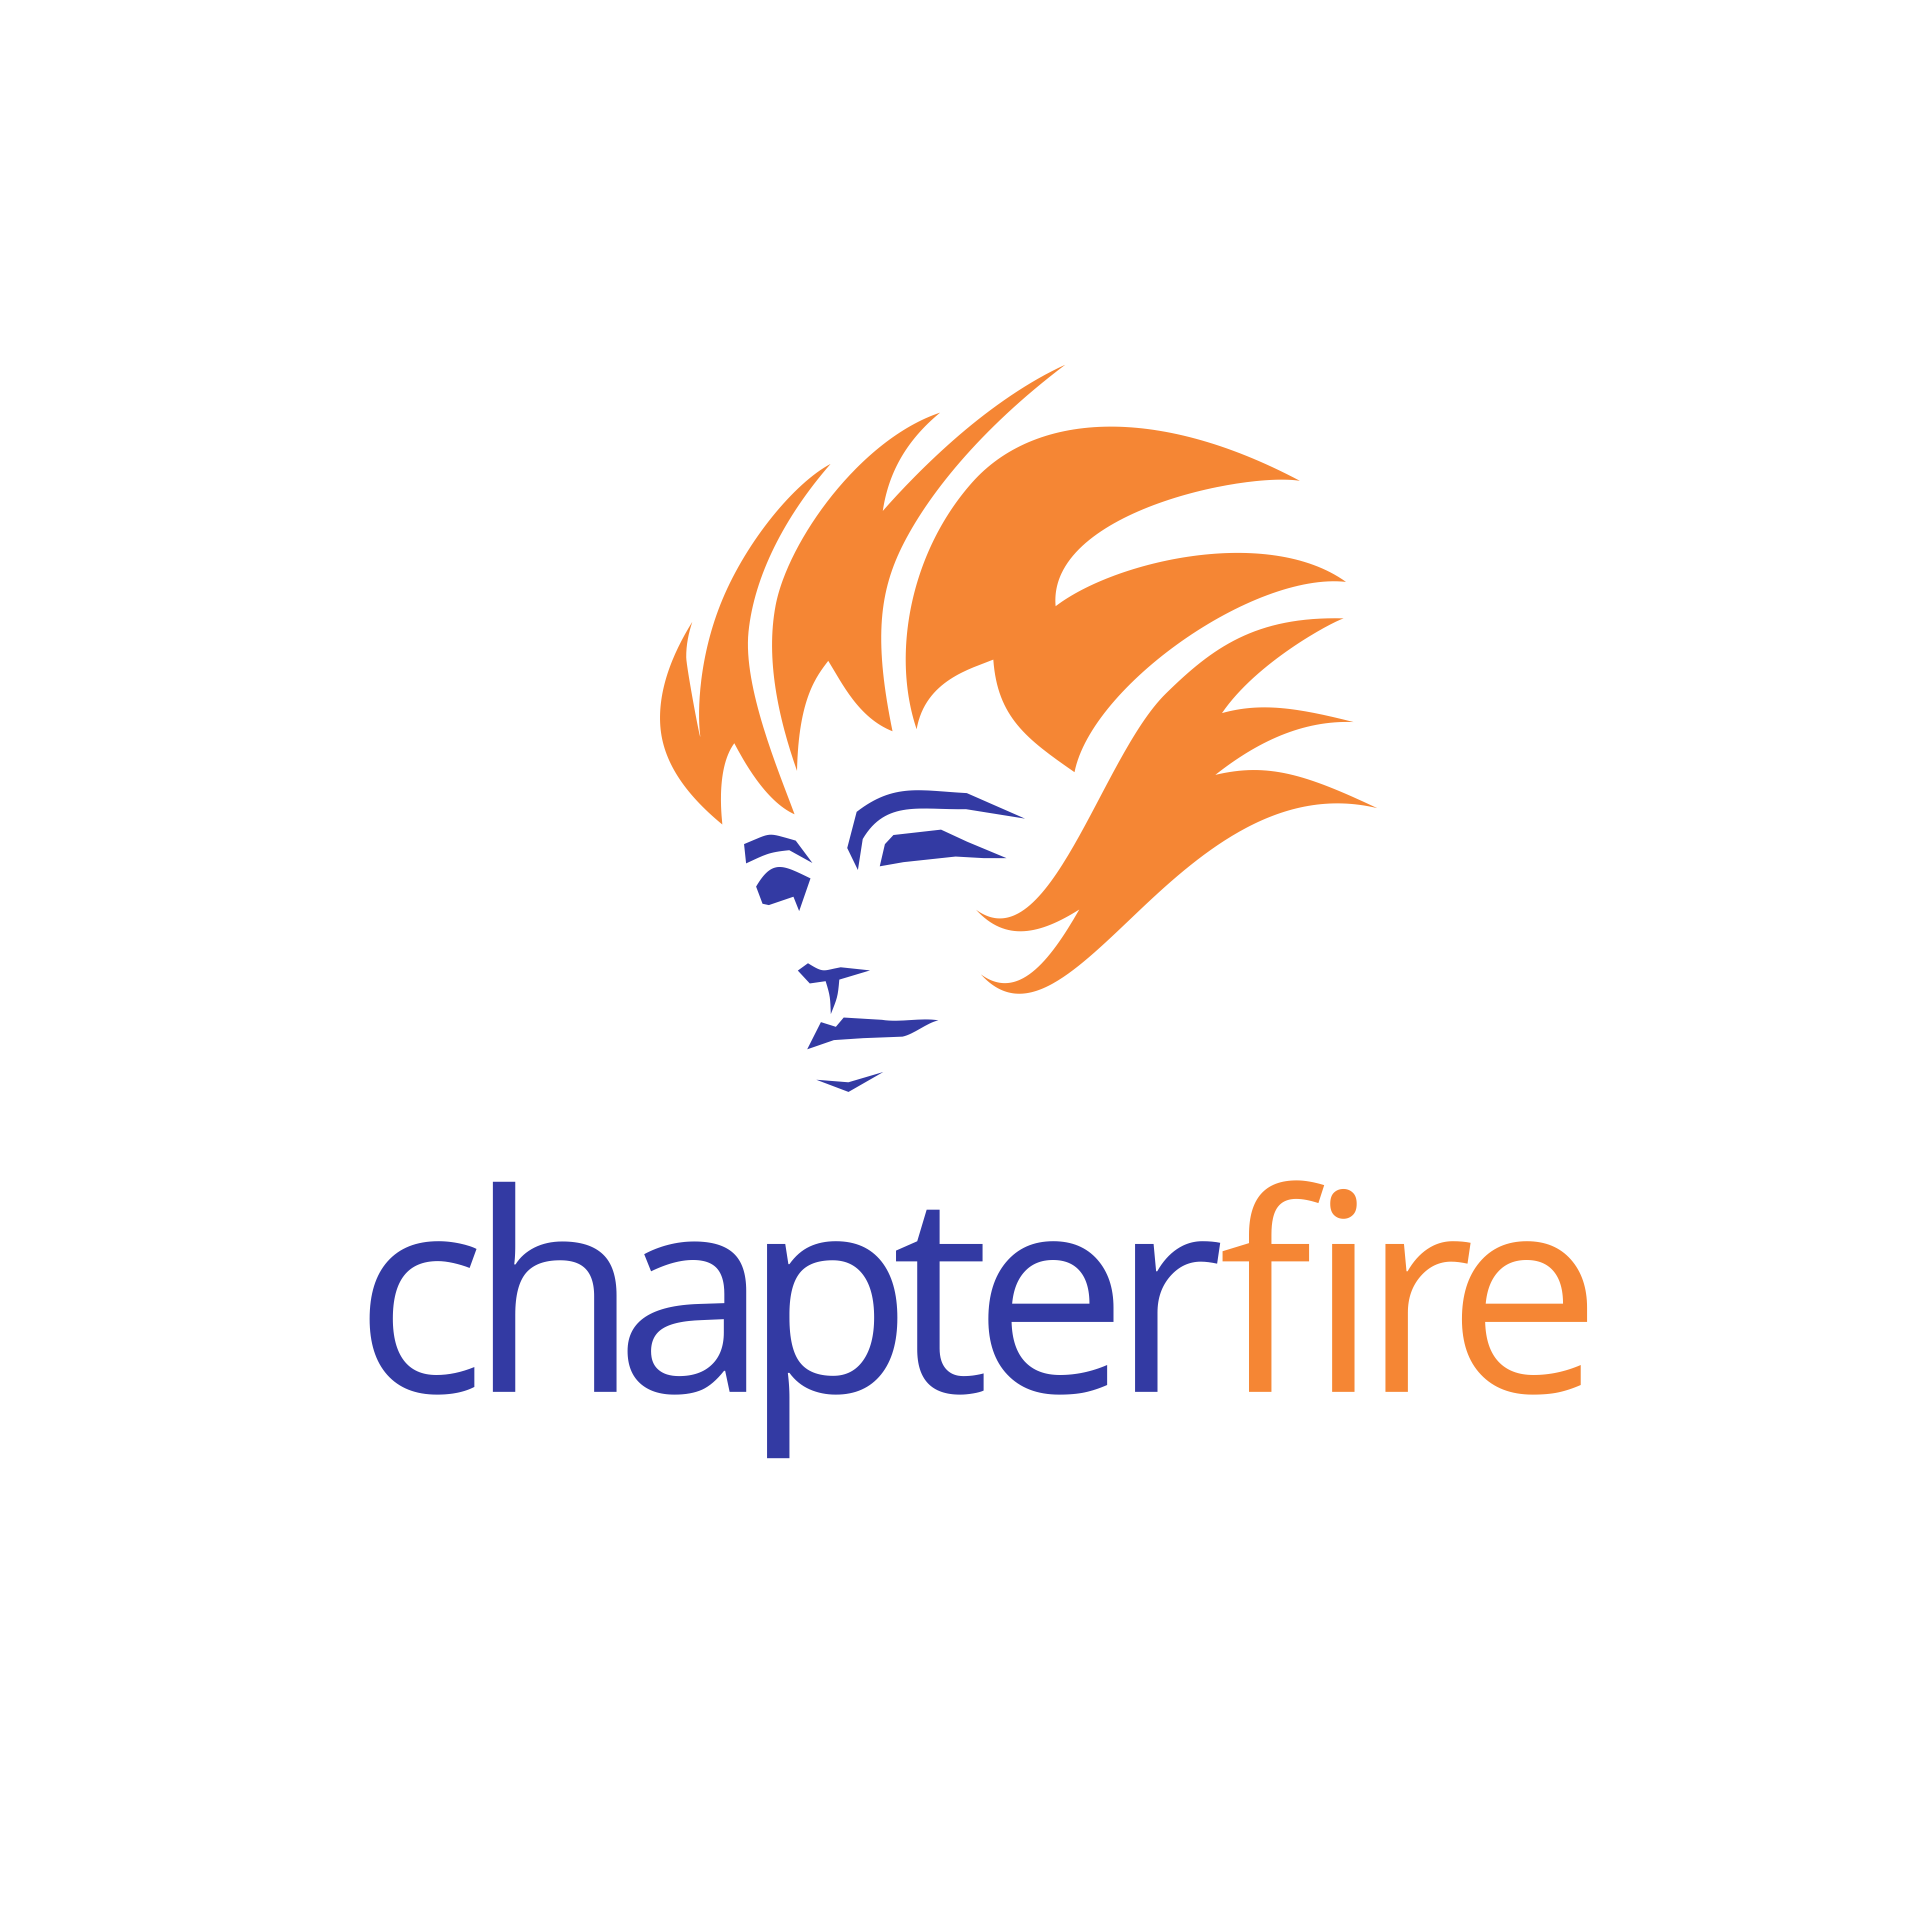 ChapterFire_logo_tweaked_hair